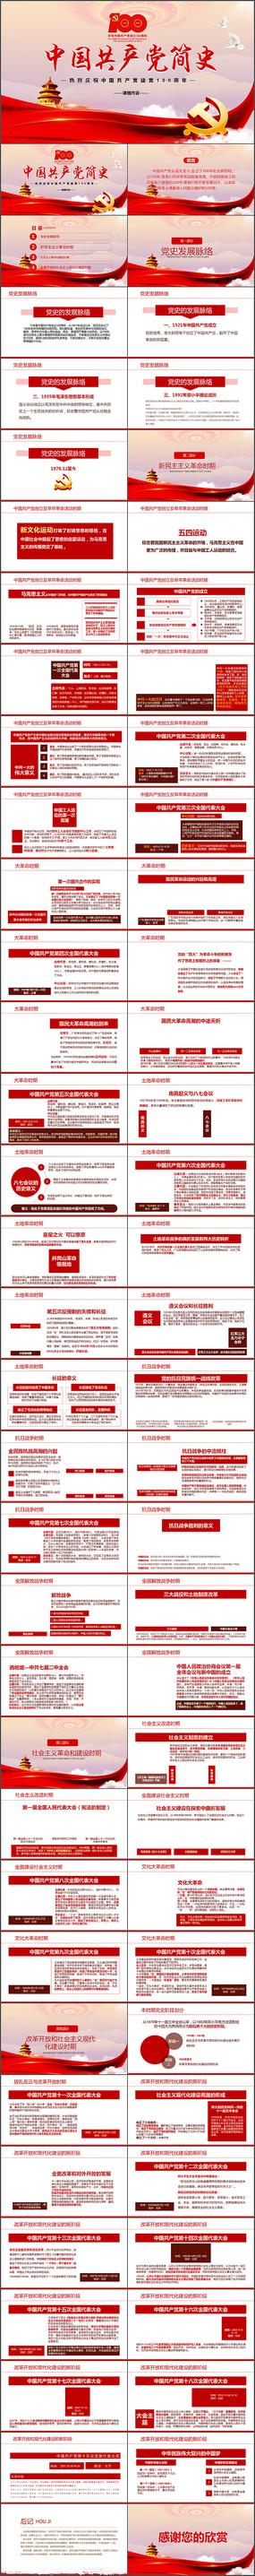 建党100周年中国共产党简史党史ppt